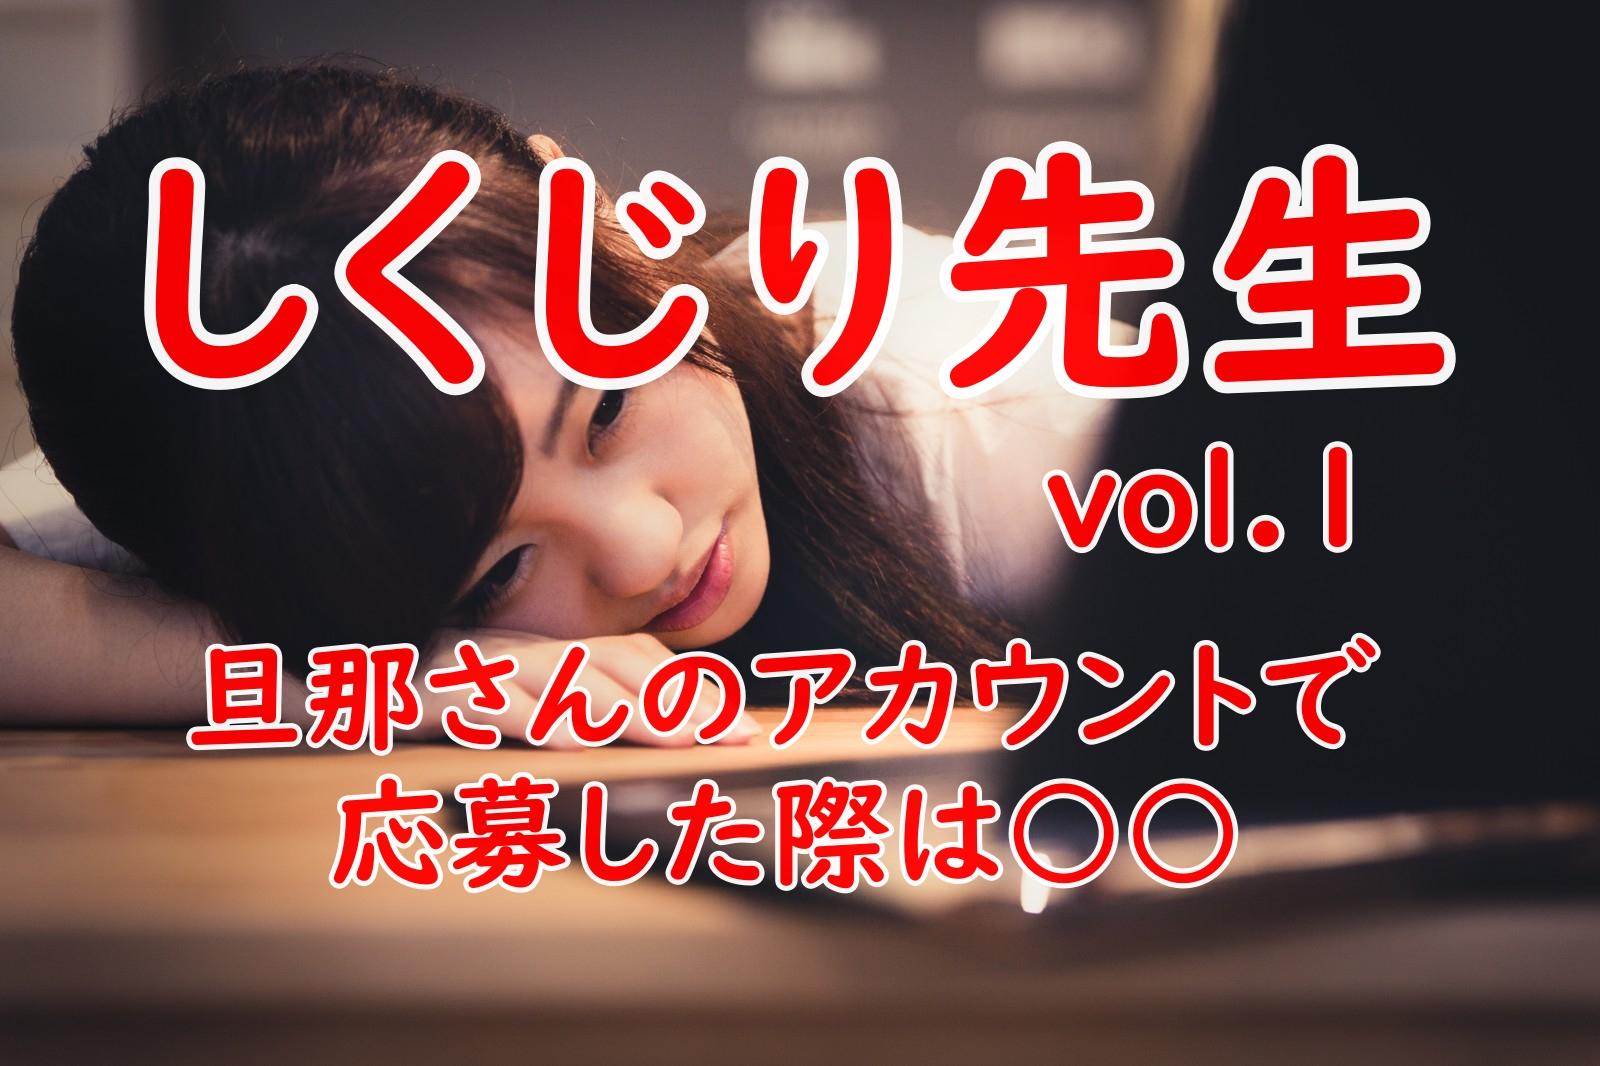 めぐめぐ懸賞ちゃんねる しくじり懸賞先生Vol.1